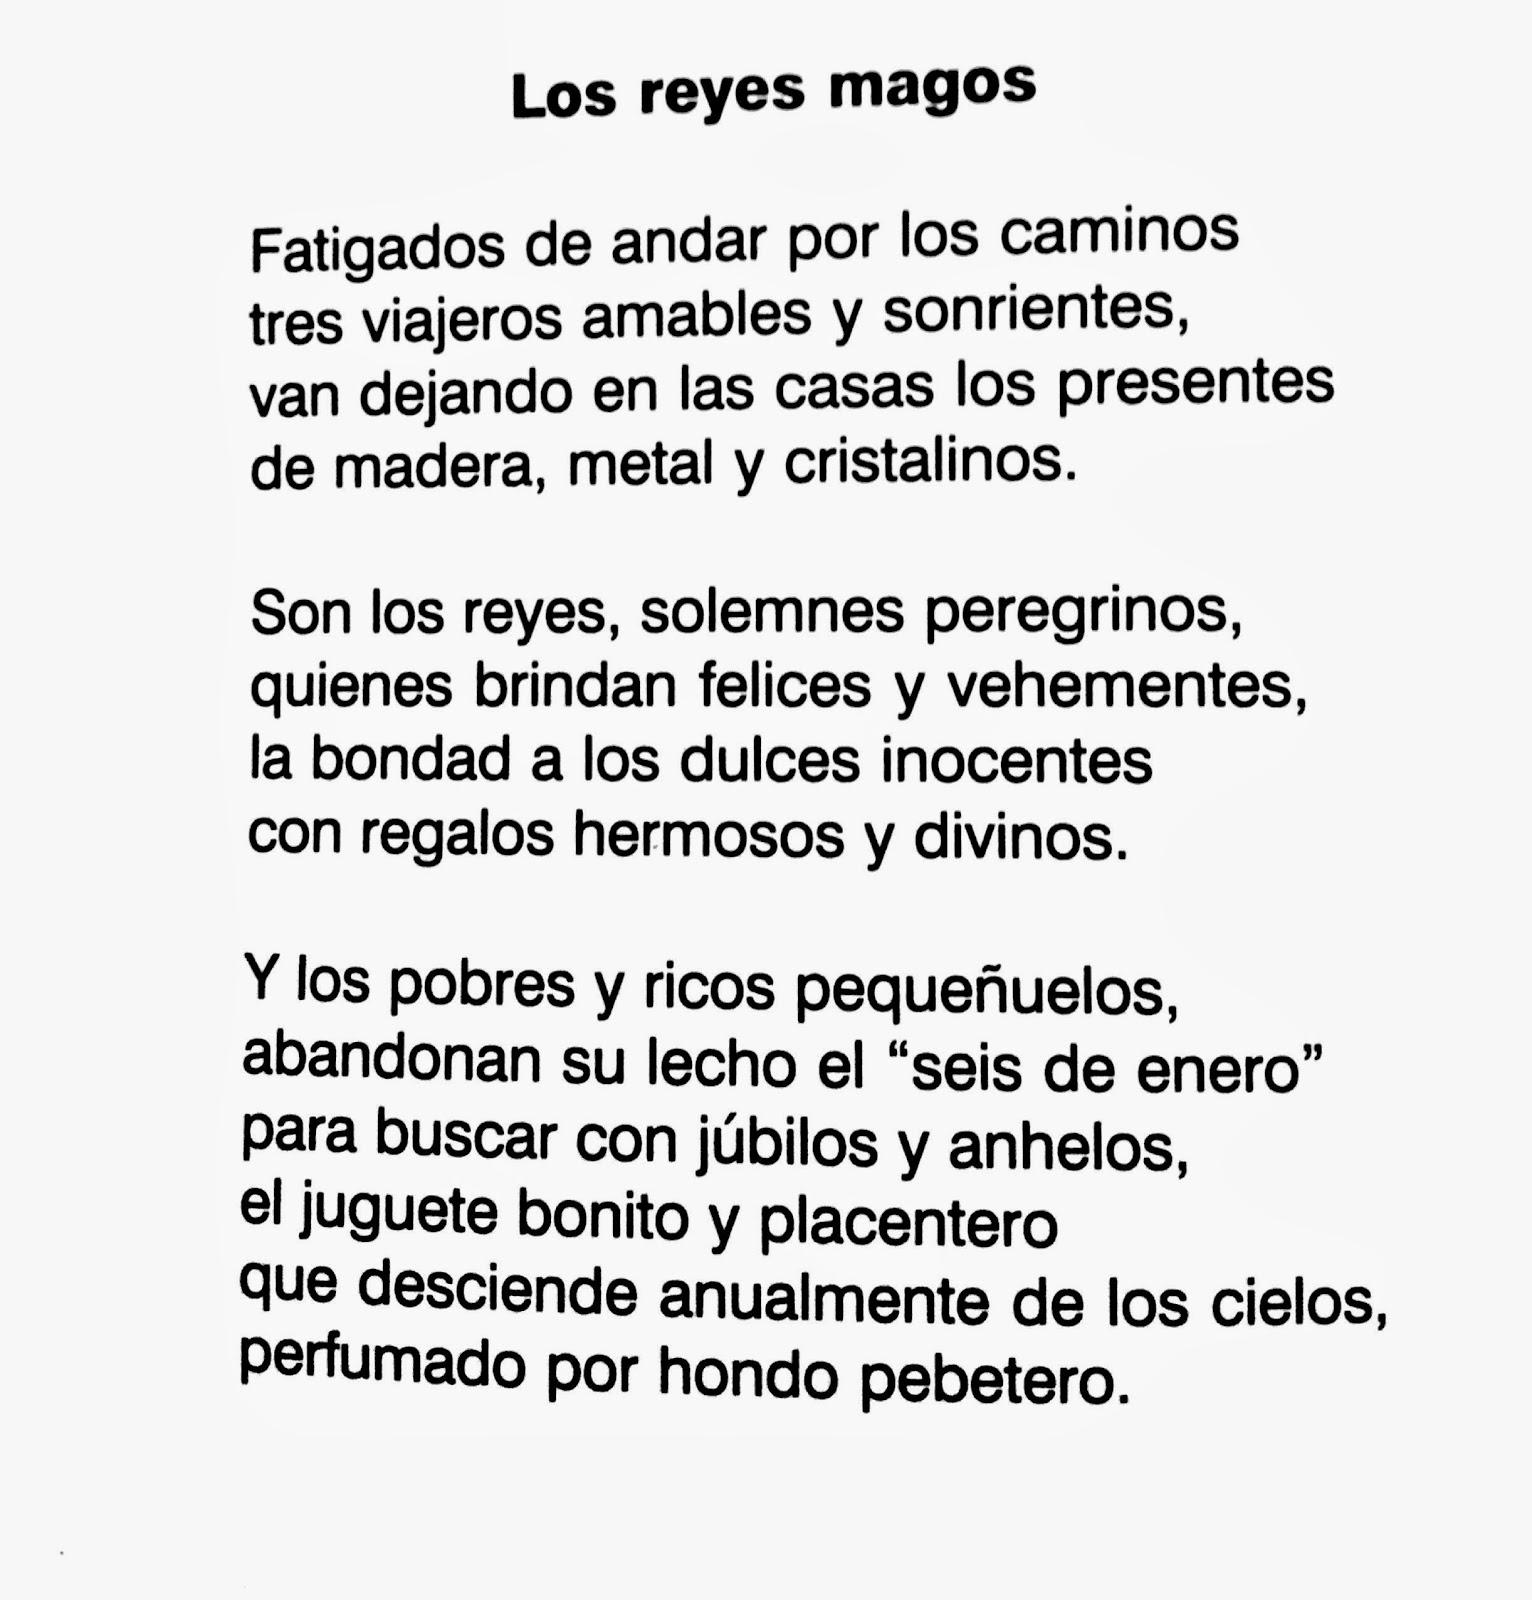 Poesía a los Reyes Magos